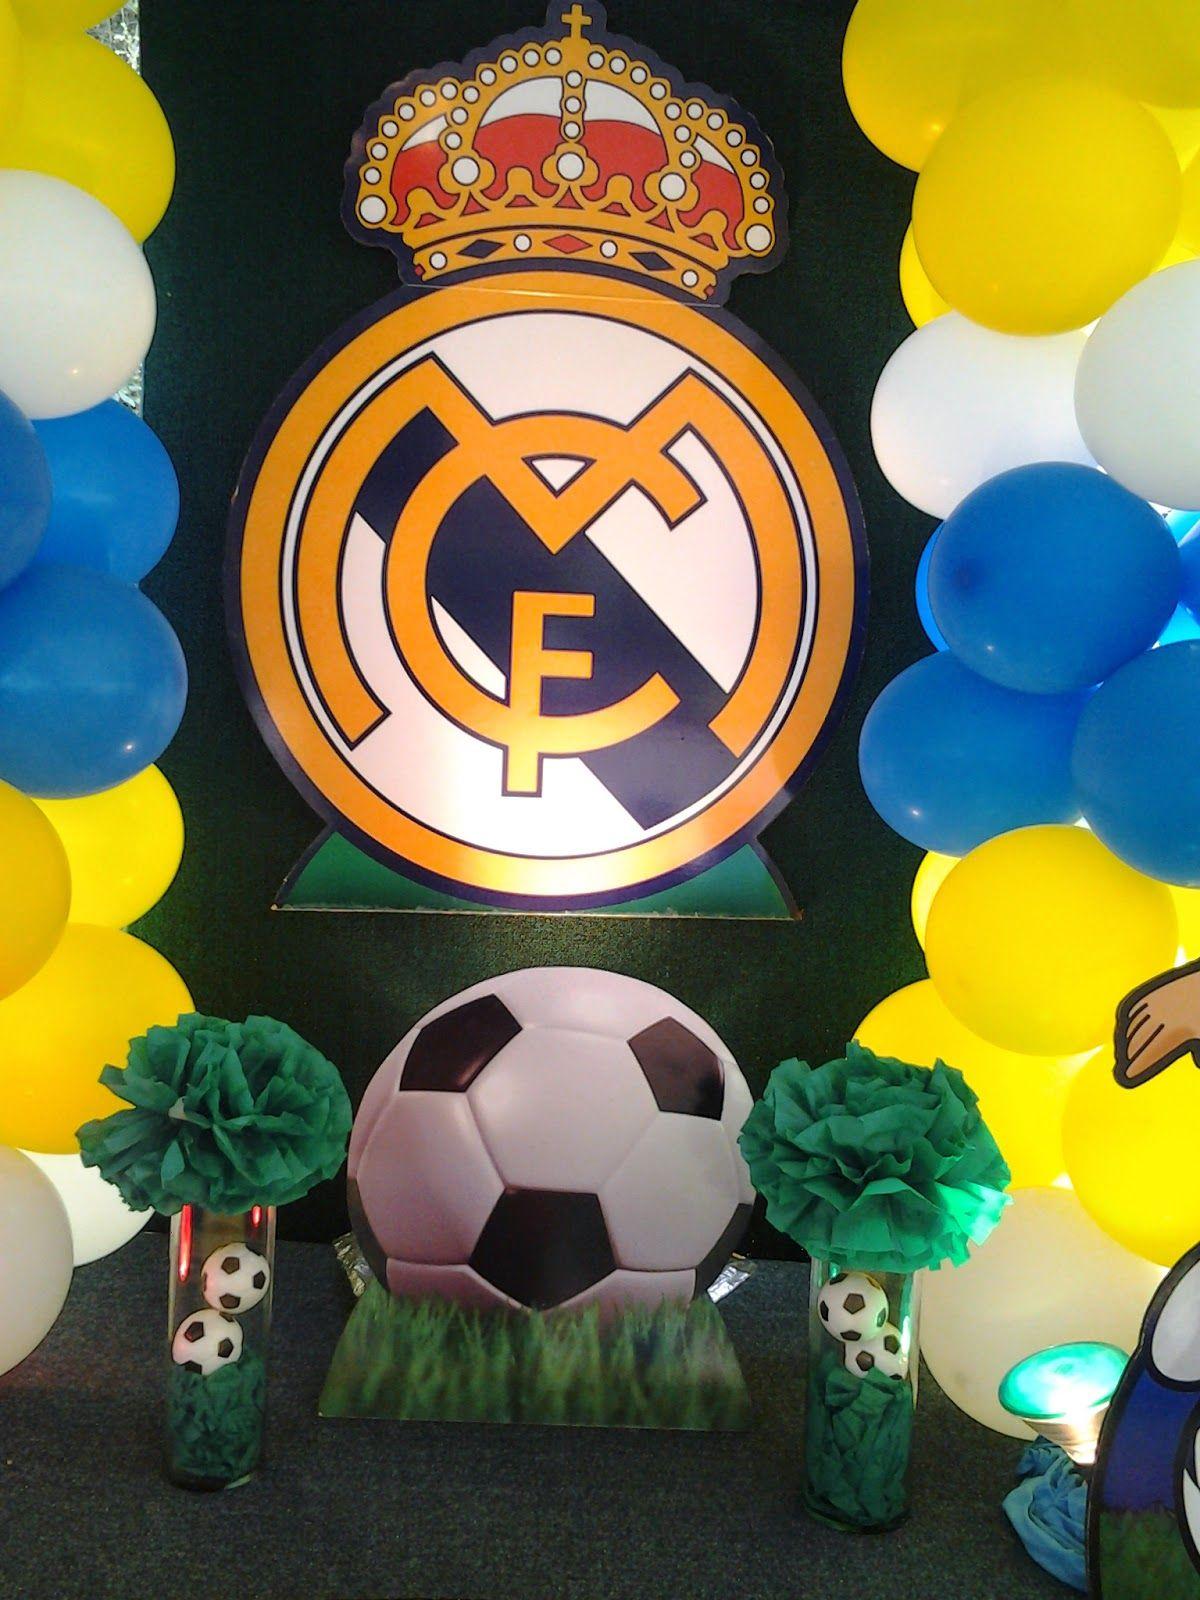 El real madrid club de f tbol mejor conocido como real madrid fue la tem tica seleccionada por - Real madrid decorations ...